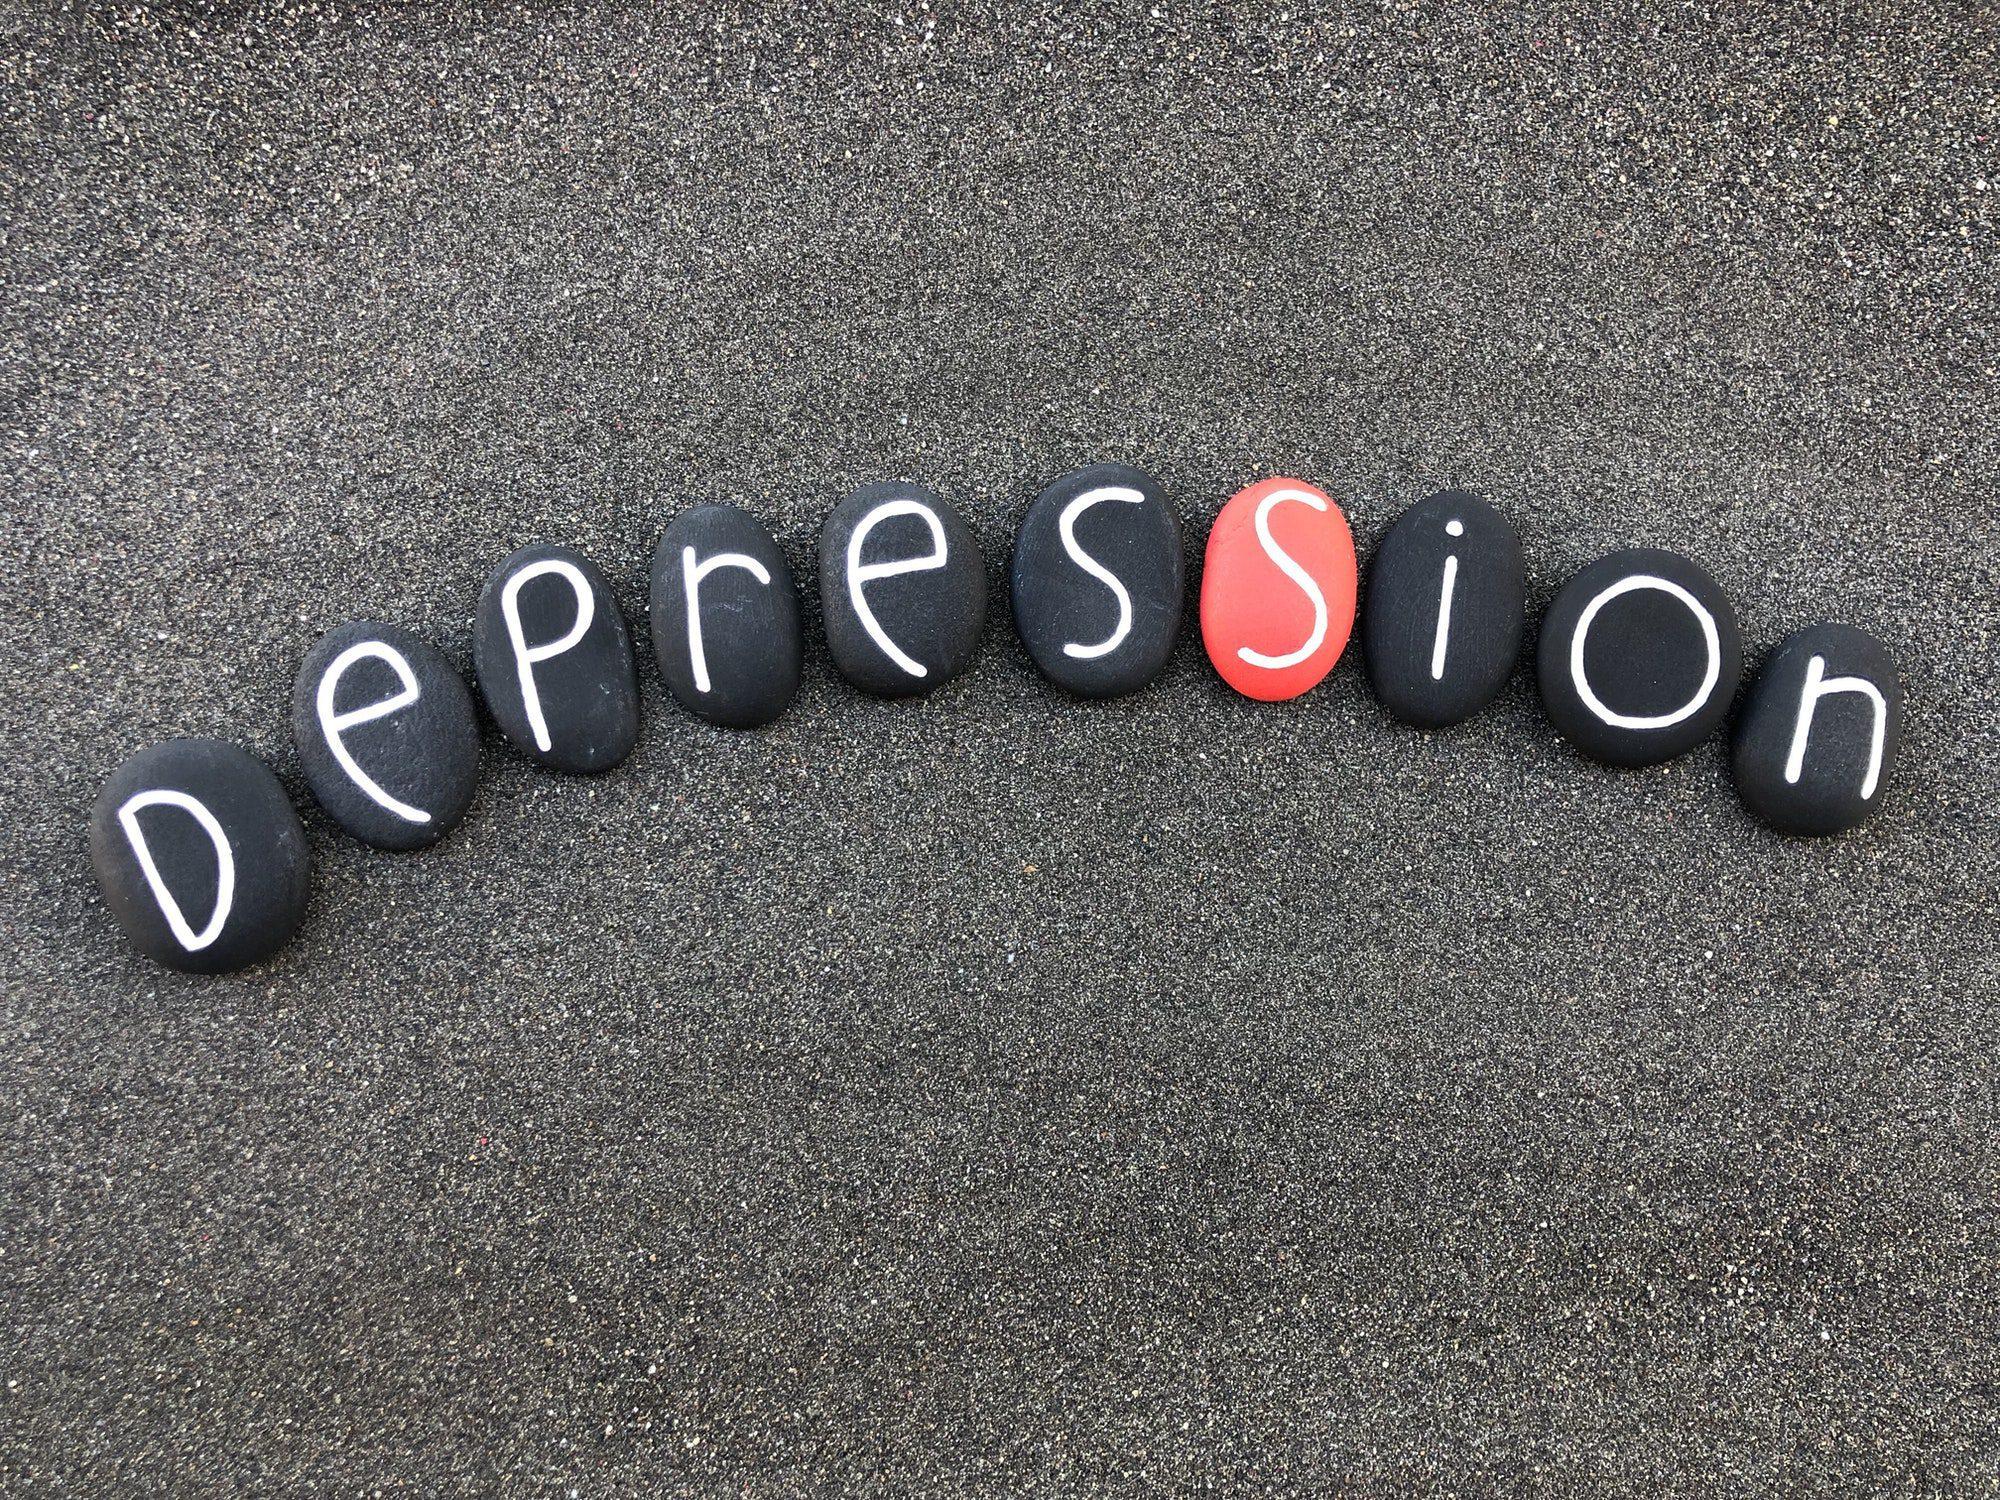 Come il microdosaggio può aiutare con la depressione